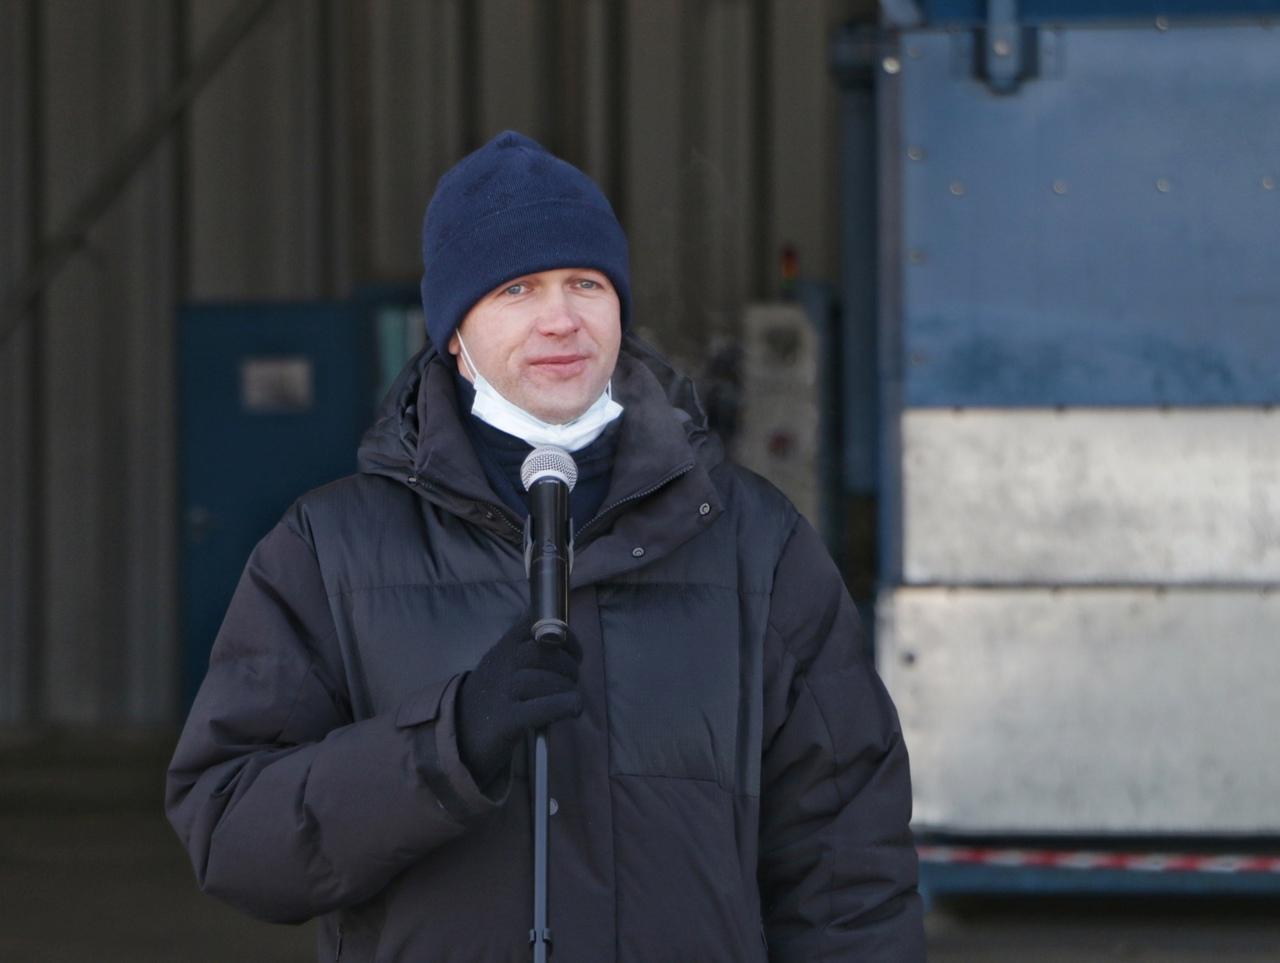 Чиновник заявил, что у омичей «впереди тяжелые времена» #Новости #Общество #Омск